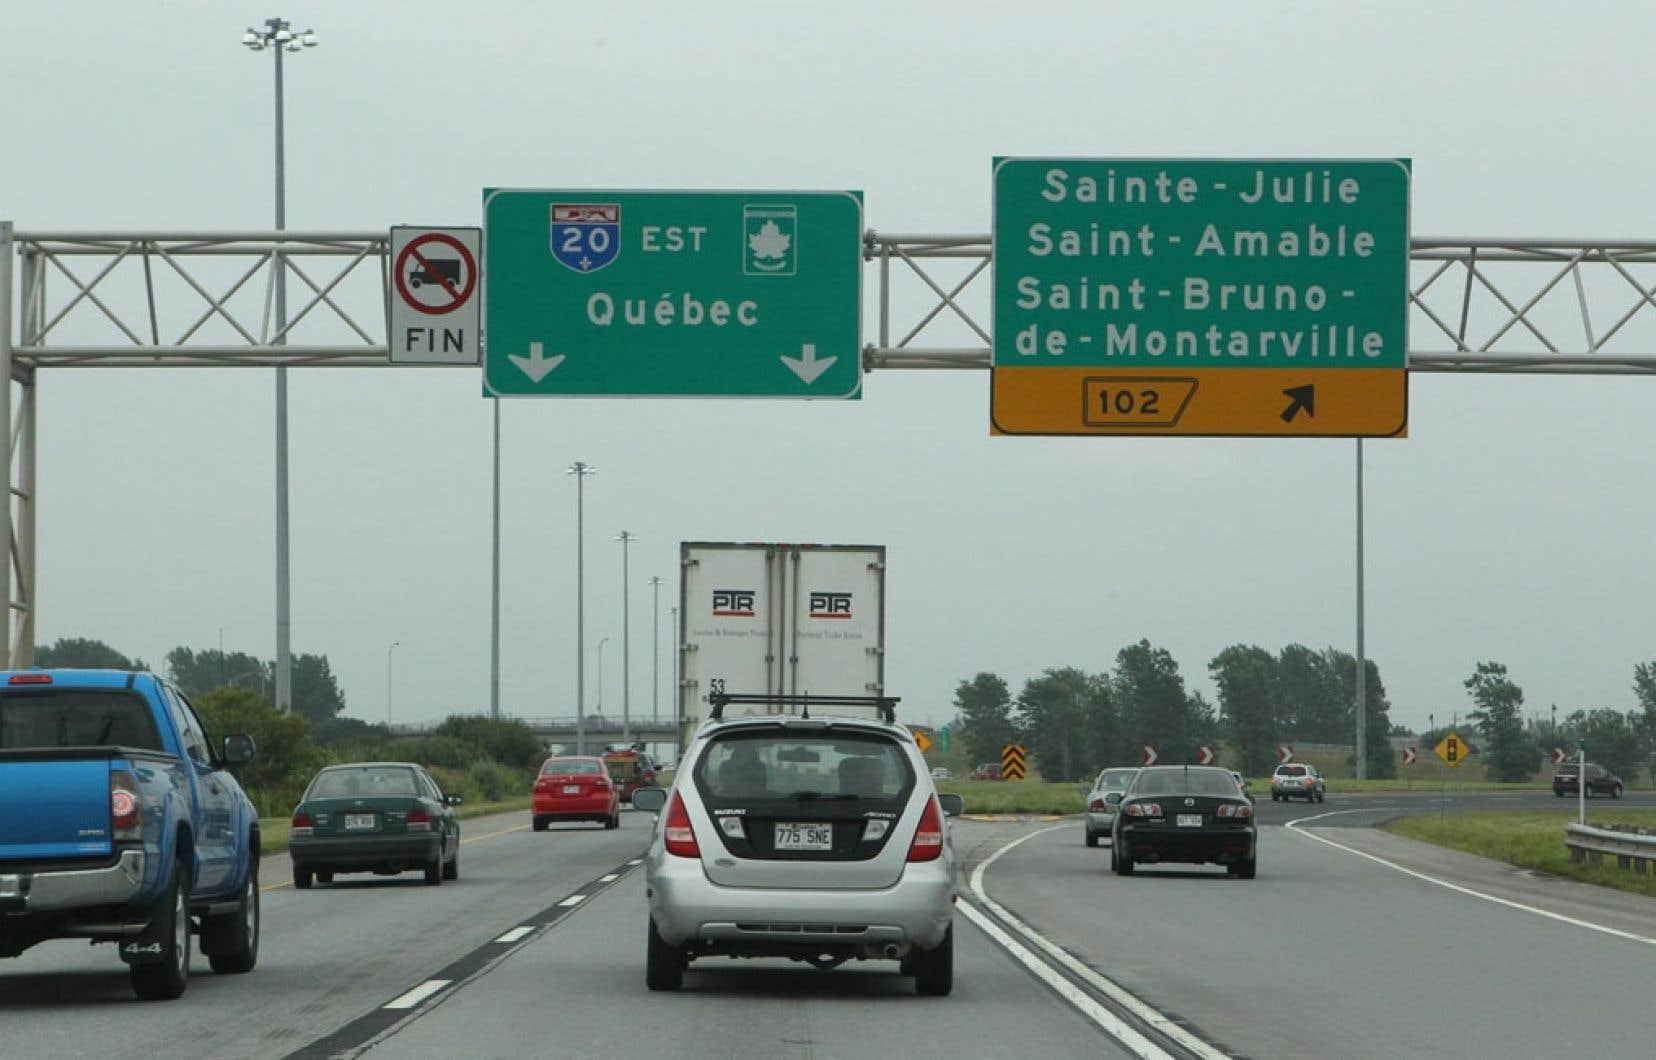 <div> «Quand on est dans sa voiture, on se retrouve comme dans un espace suspendu qui traverse plusieurs territoires entre Montréal et Québec. Des territoires qui, lorsqu'on prend la peine de les écouter, nous racontent beaucoup de choses », dit la chercheuse Marie-Christiane Mathieu, de l'Université Laval.</div>